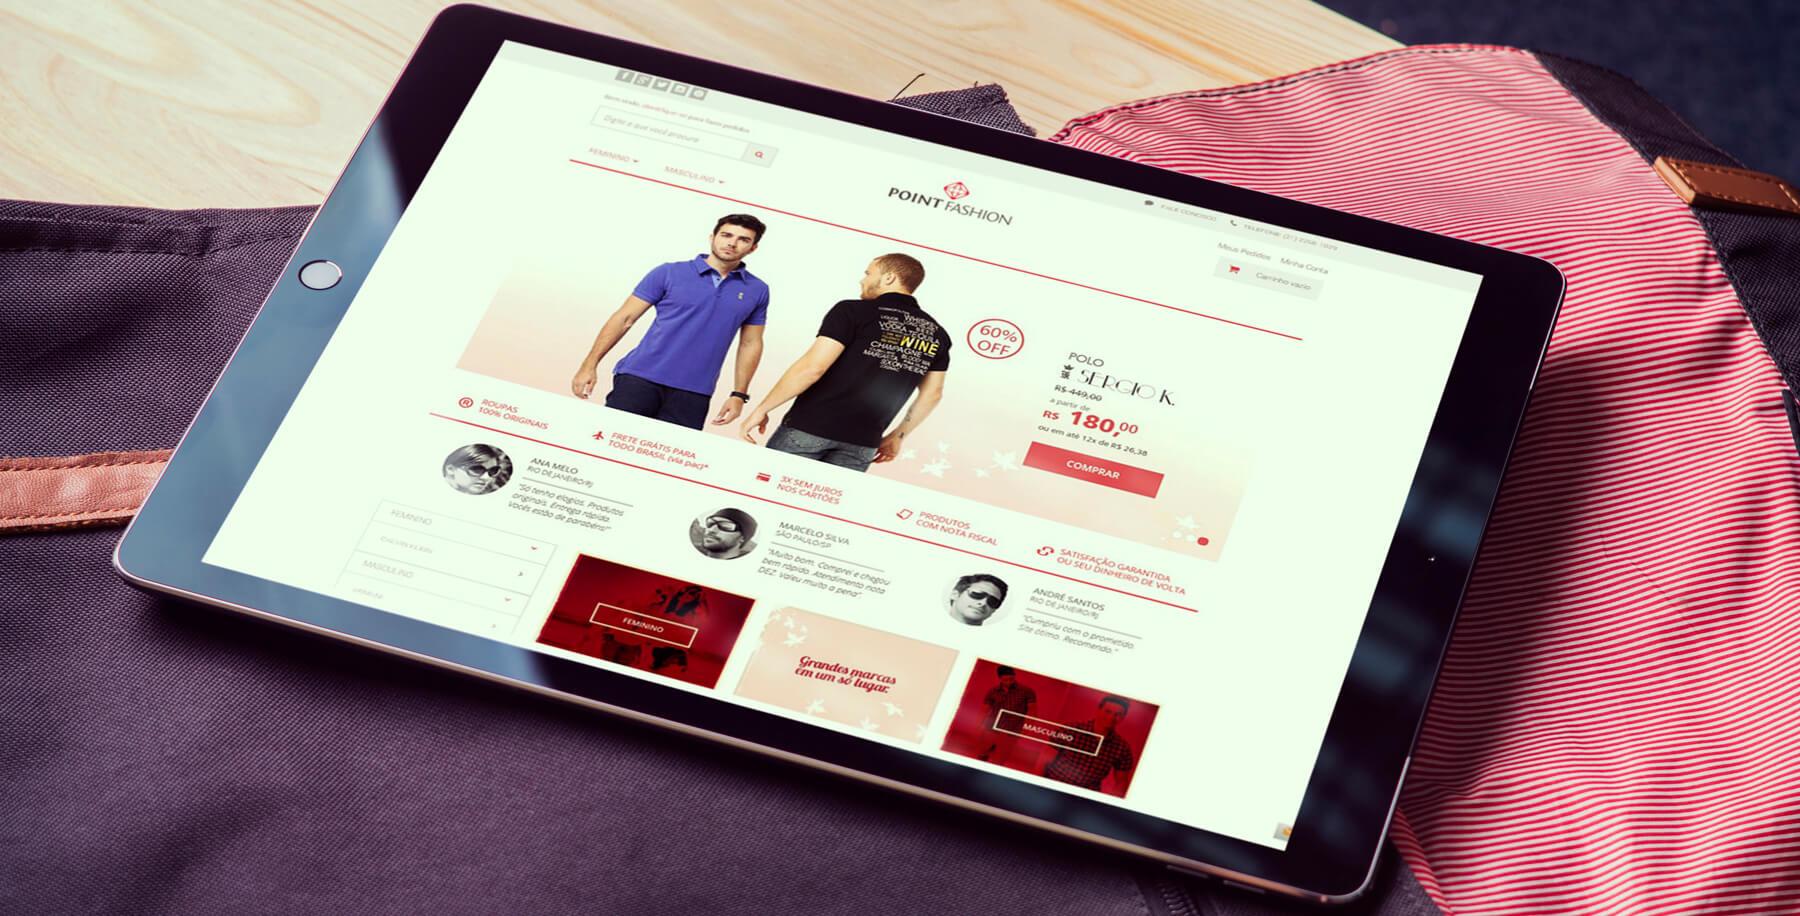 Point Fashion E-commerce 4